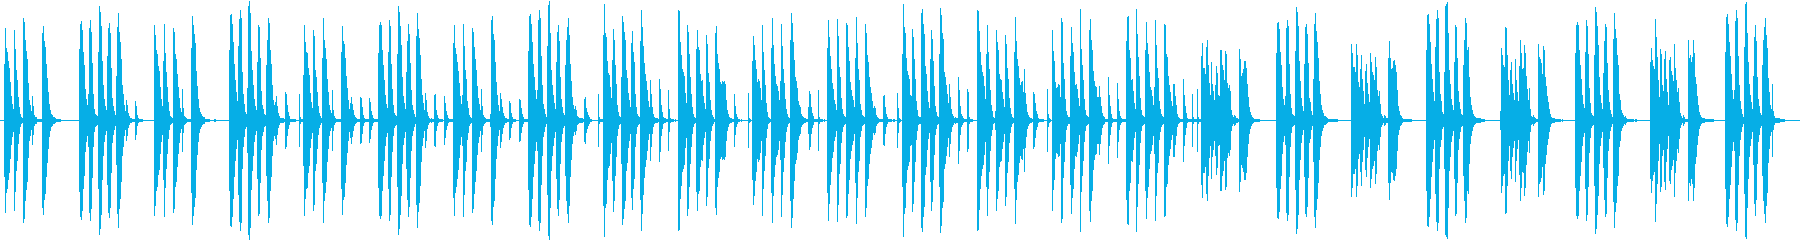 ほのぼのした短めのジングルの再生済みの波形